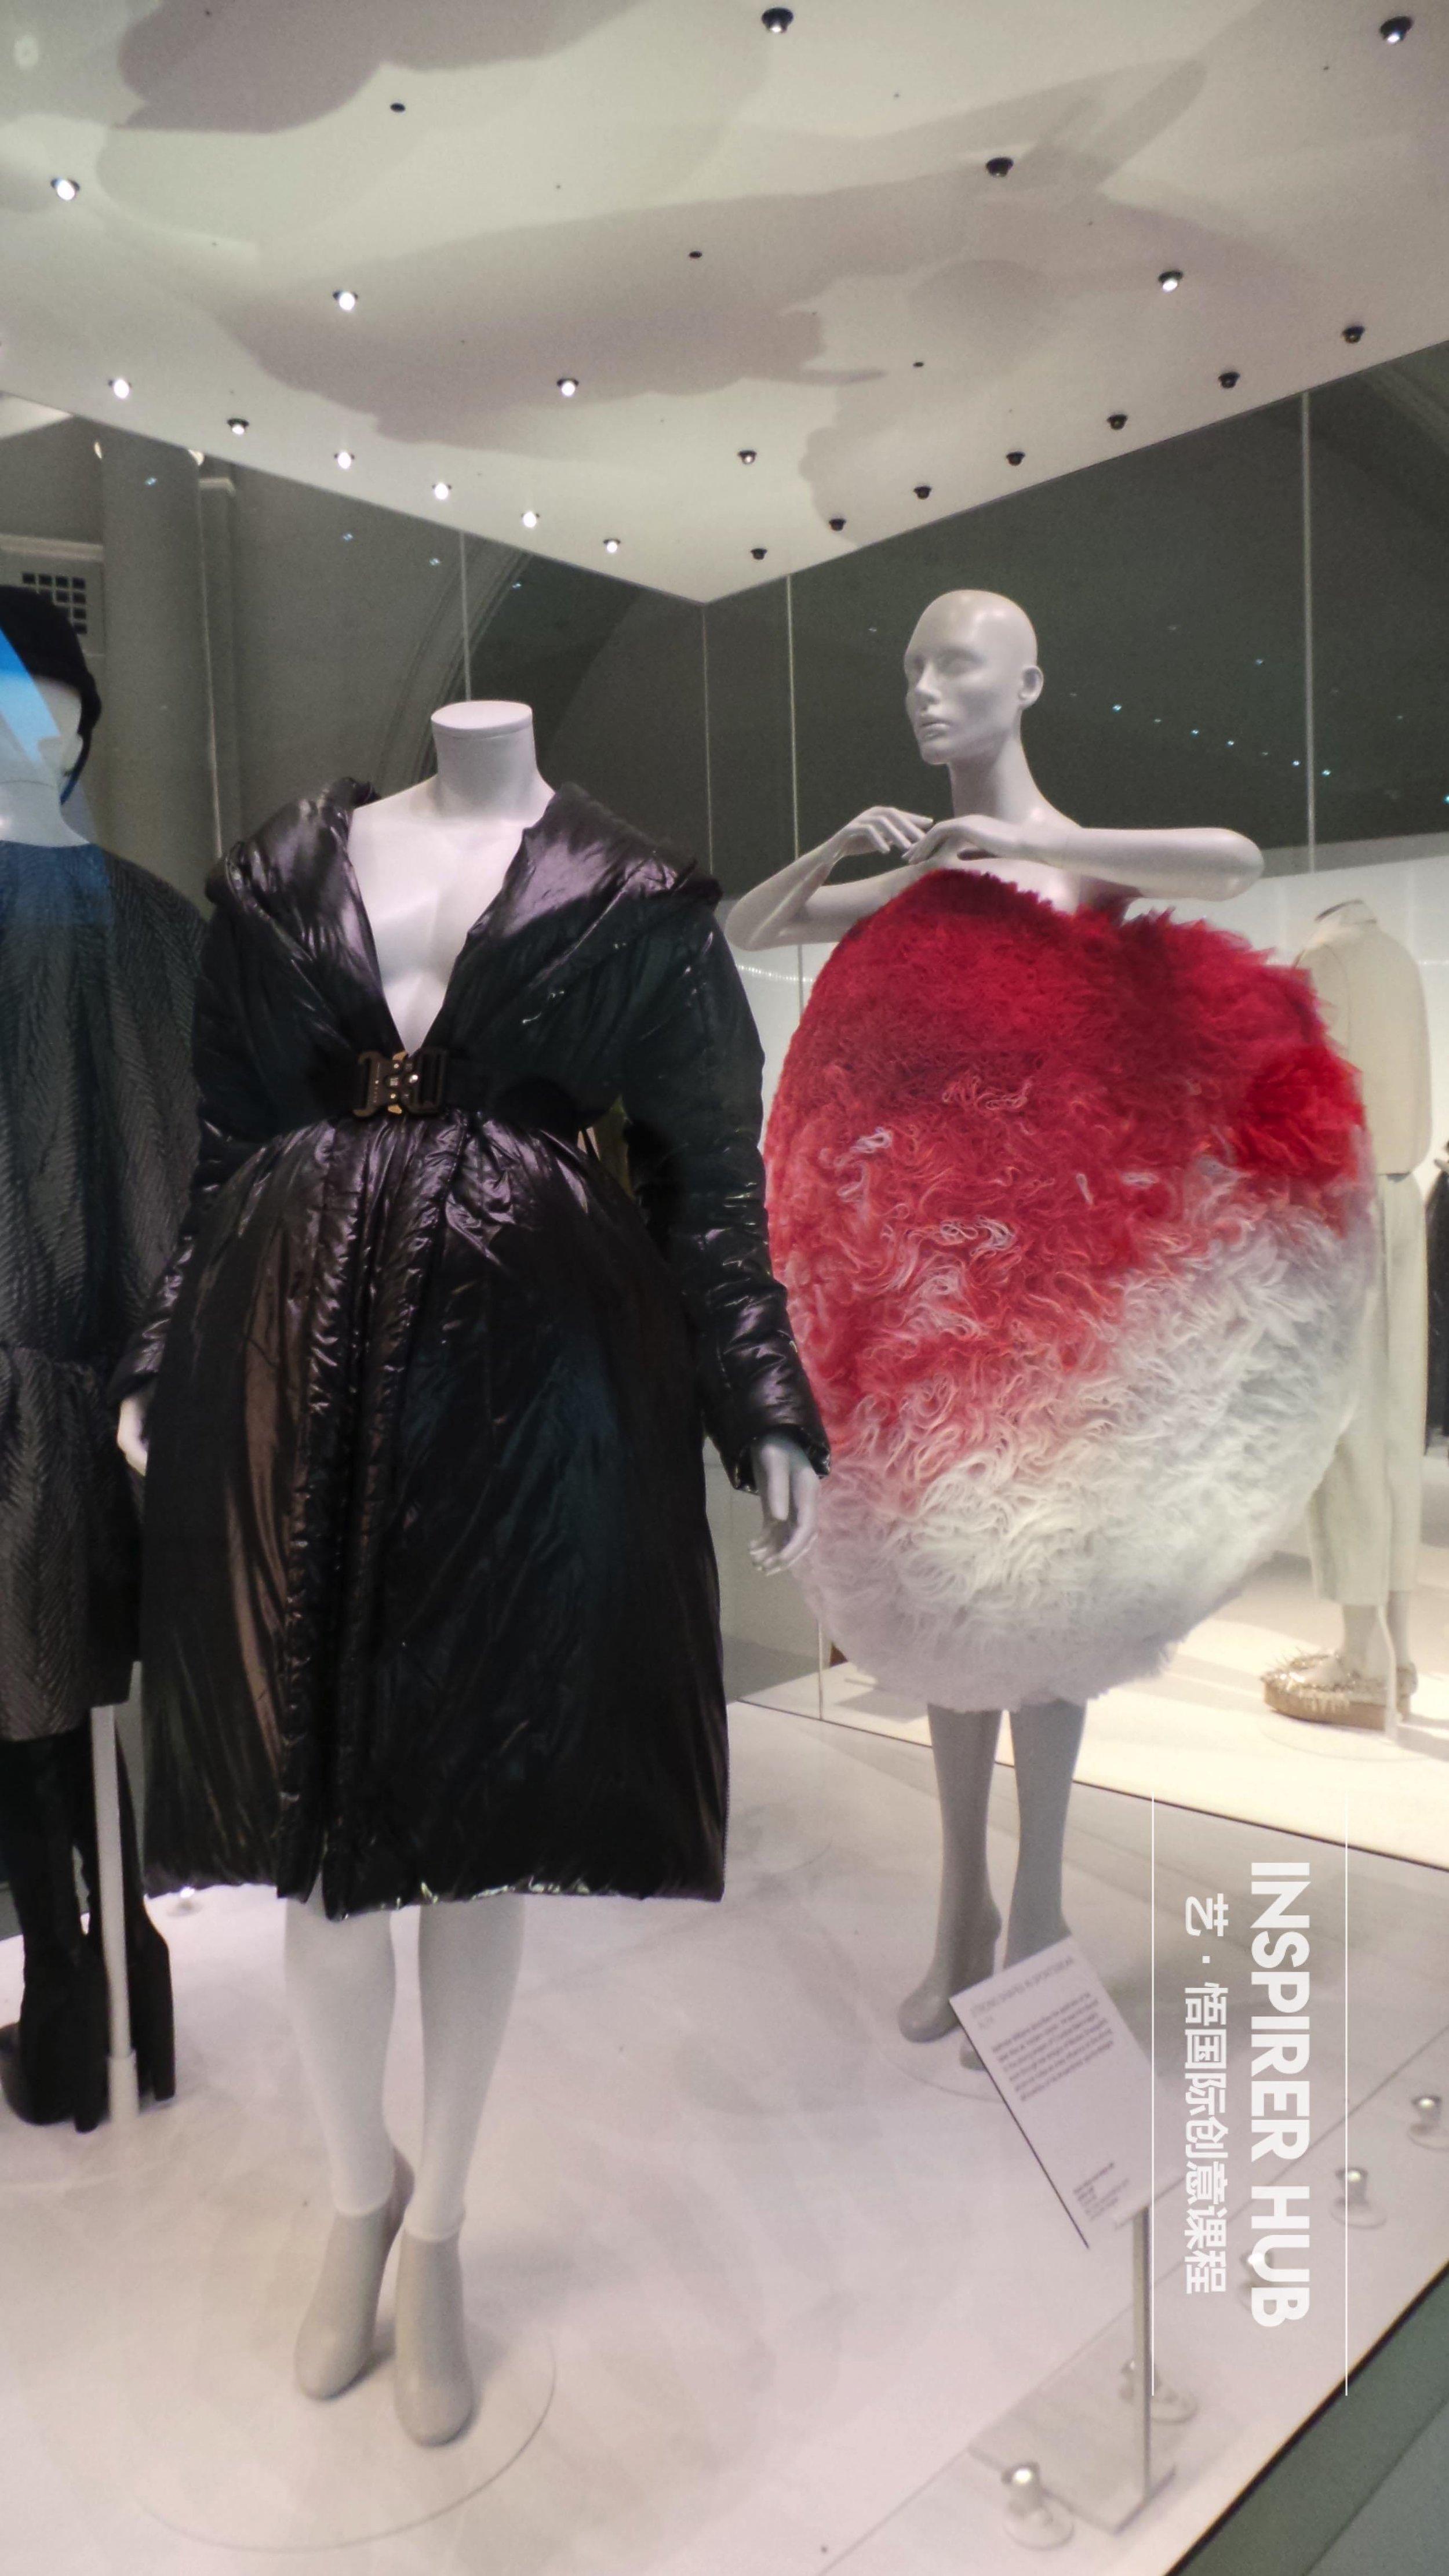 07 Europ Fashion History & Balenciaga Exhibition49.jpg